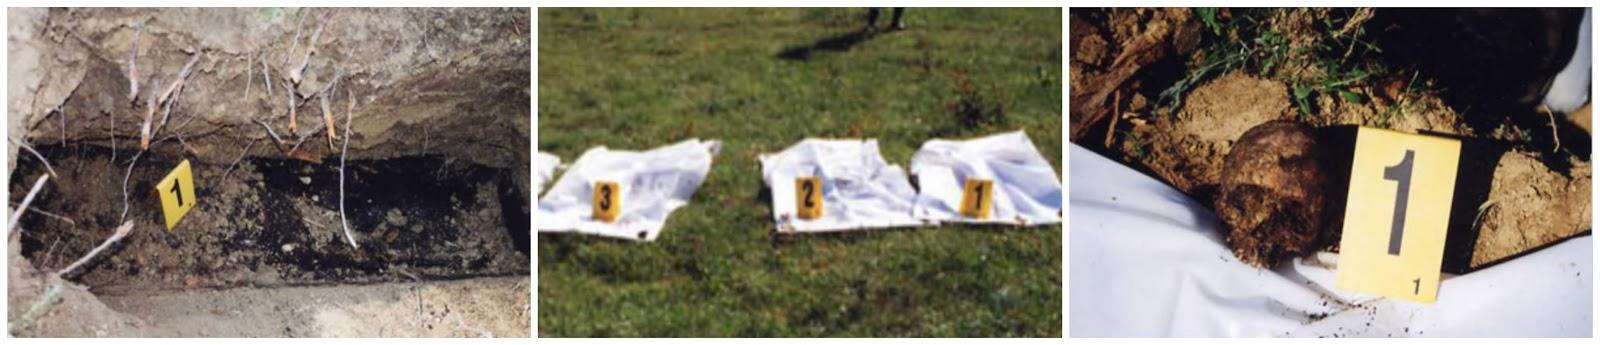 БРЕЗА 1992 : Слађана Ађић спаљена са двоје деце у породичној кући! Сњежана и Синиша имали по 18 месеци!